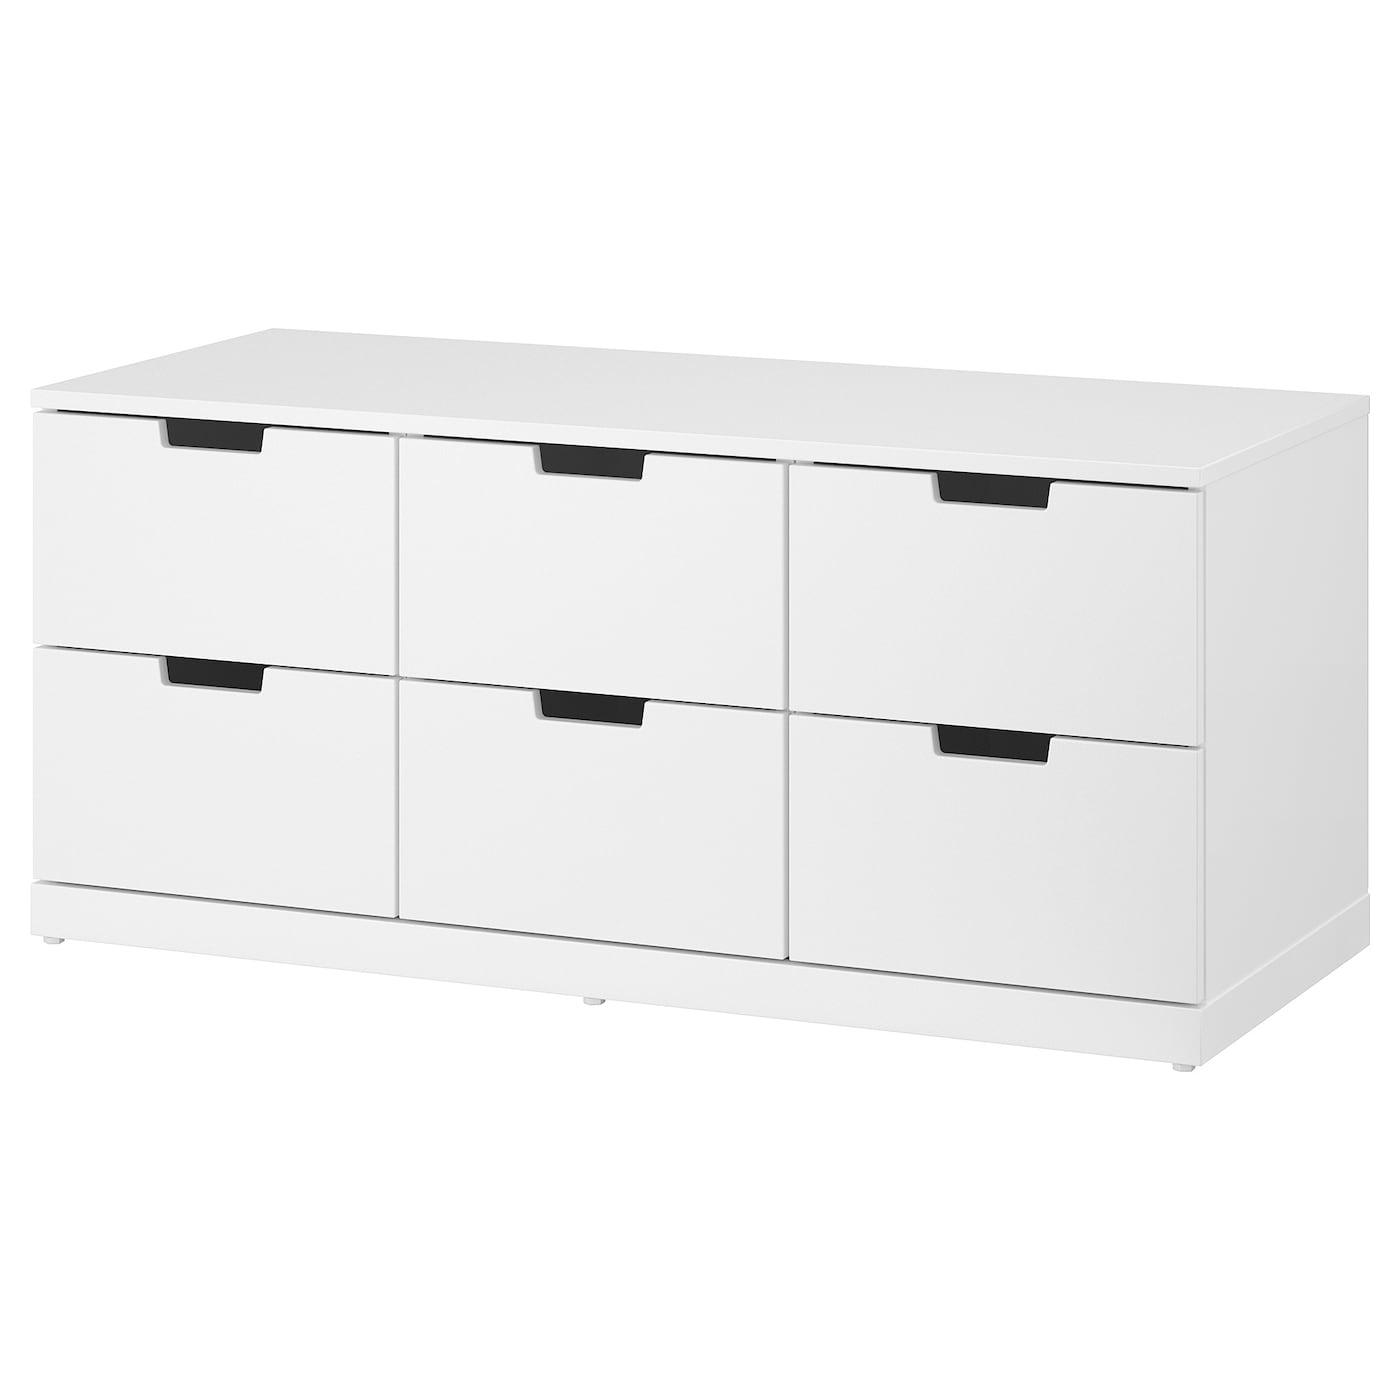 Nordli Kommode Mit 6 Schubladen Weiss Ikea Deutschland